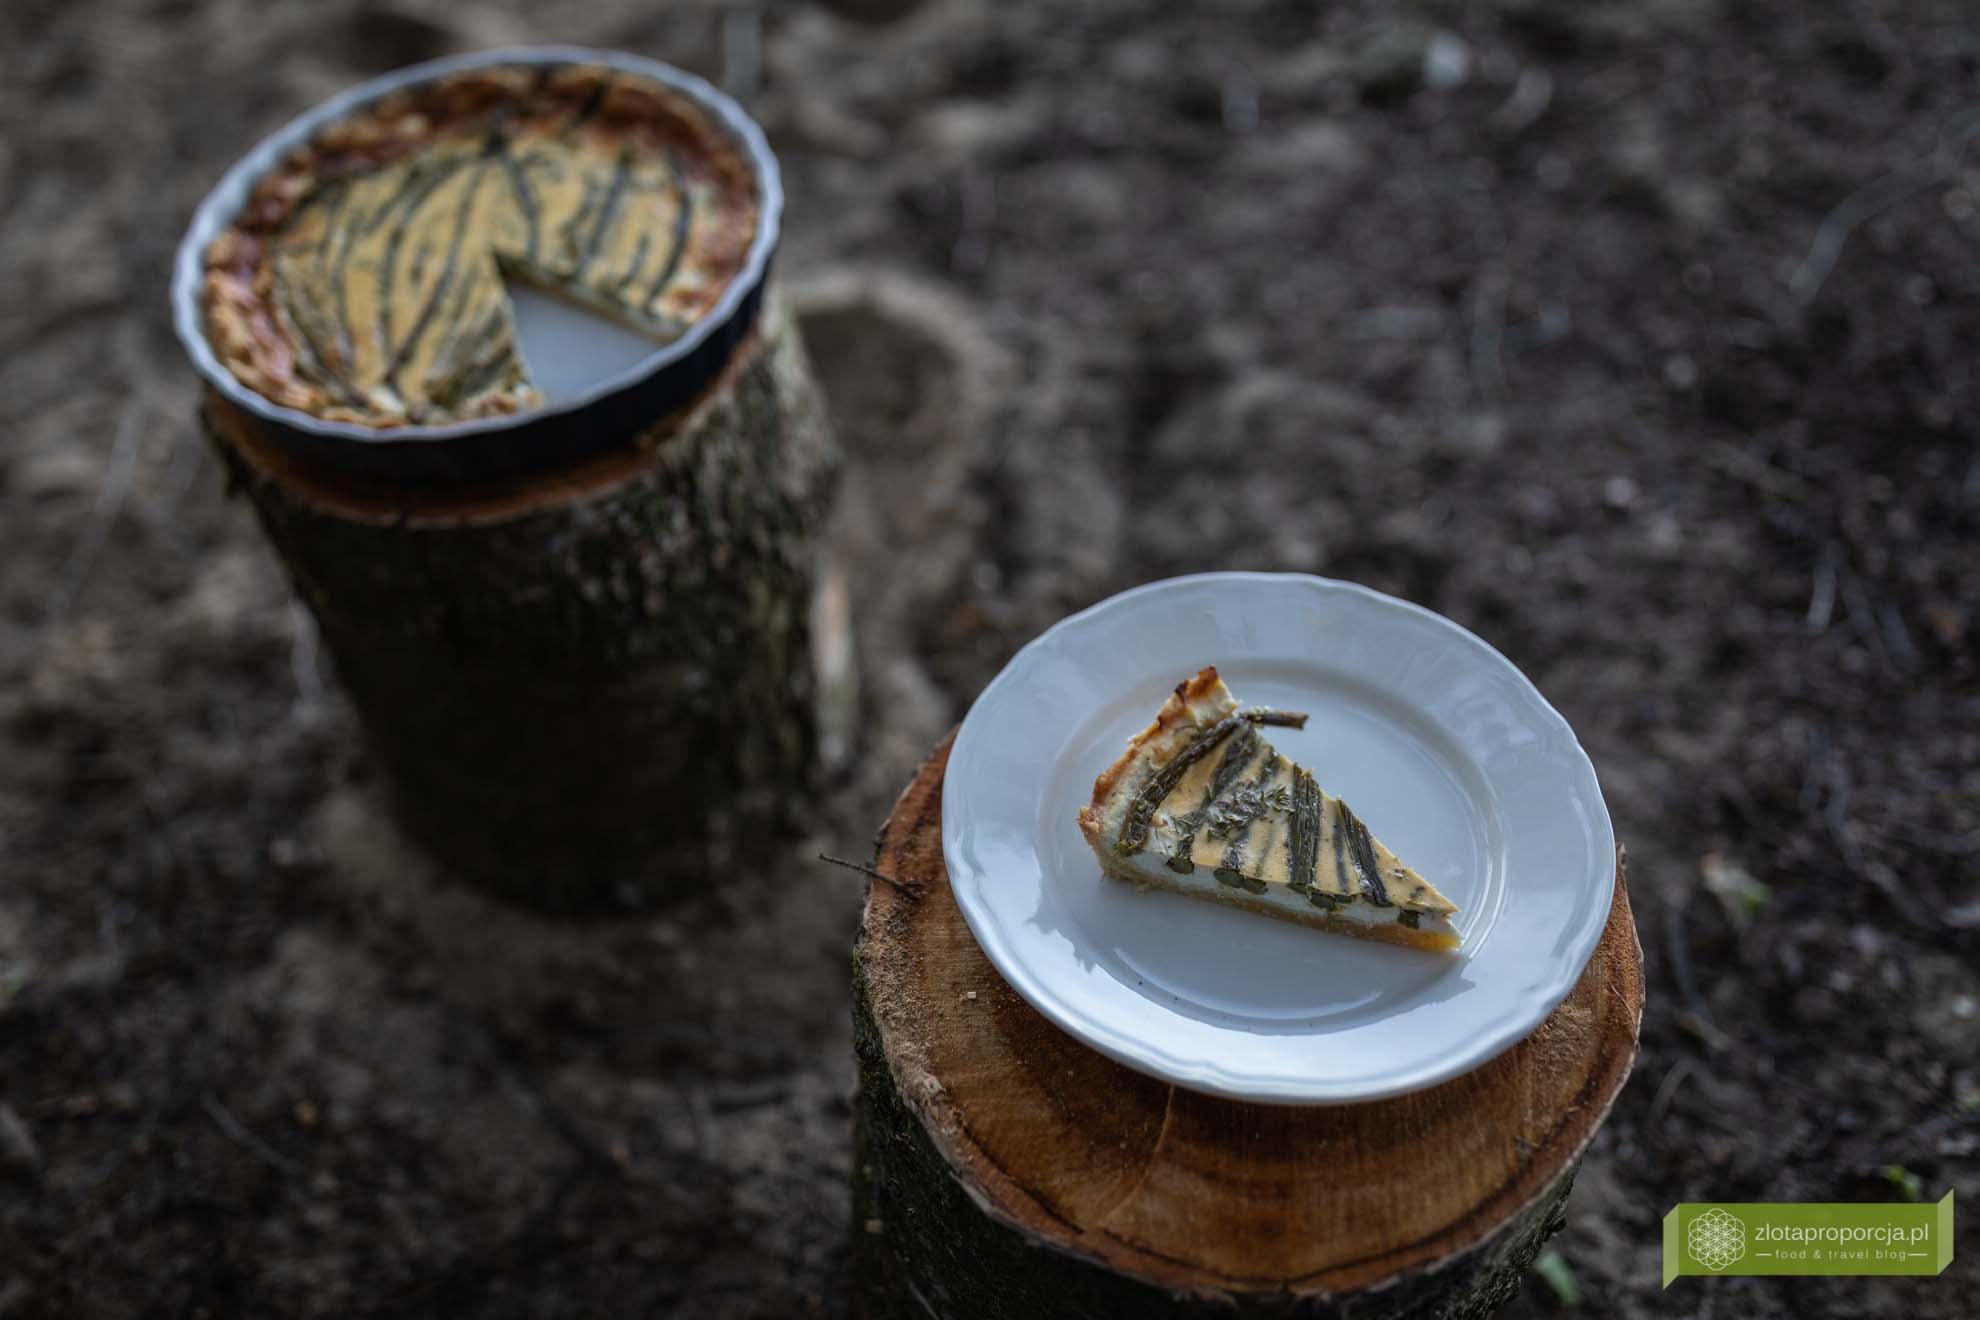 Tarta ze szparagami, ricottą i świeżym tymiankiem; tarta ze szparagami i ricottą; tarta z grillowanymi szparagami; szparagi przepisy; tarta z ricottą; tarta ze szparagami przepis;